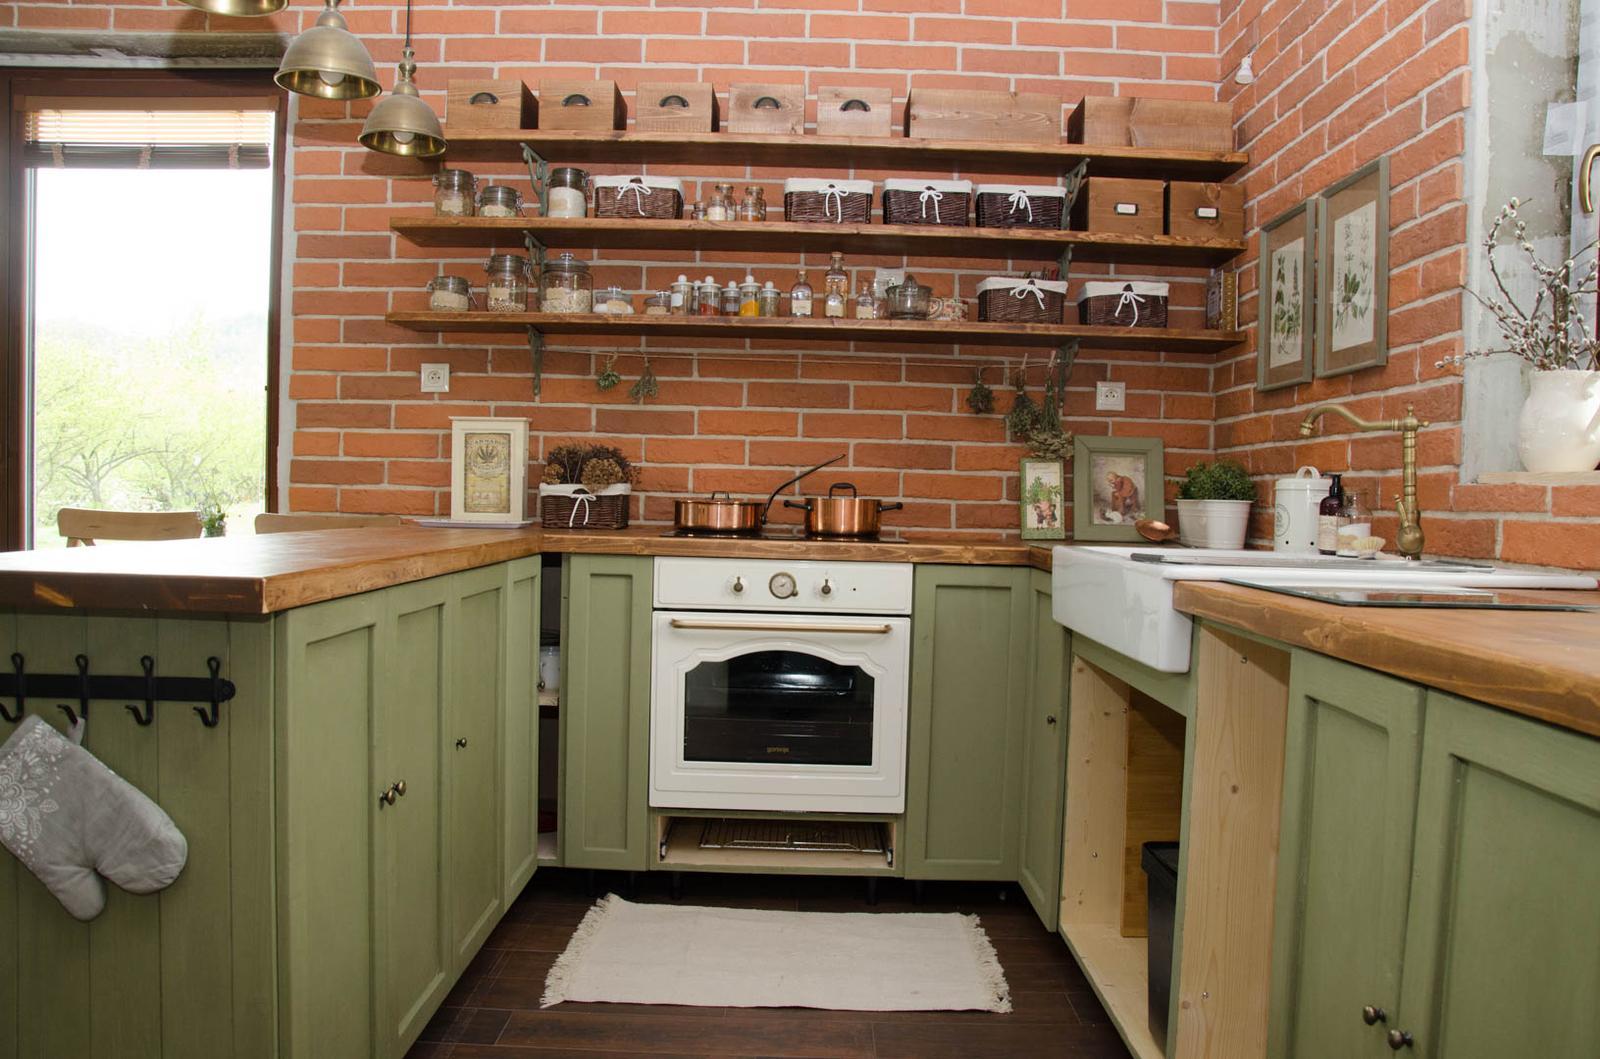 Kuchyňa svojpomocne - A ešte nejaké foto zo zrkadlovky :) Tu vidno krásne rozdiel odtieňu zavoskovaných a nezavoskovaných dvierok (tie pri rúre)